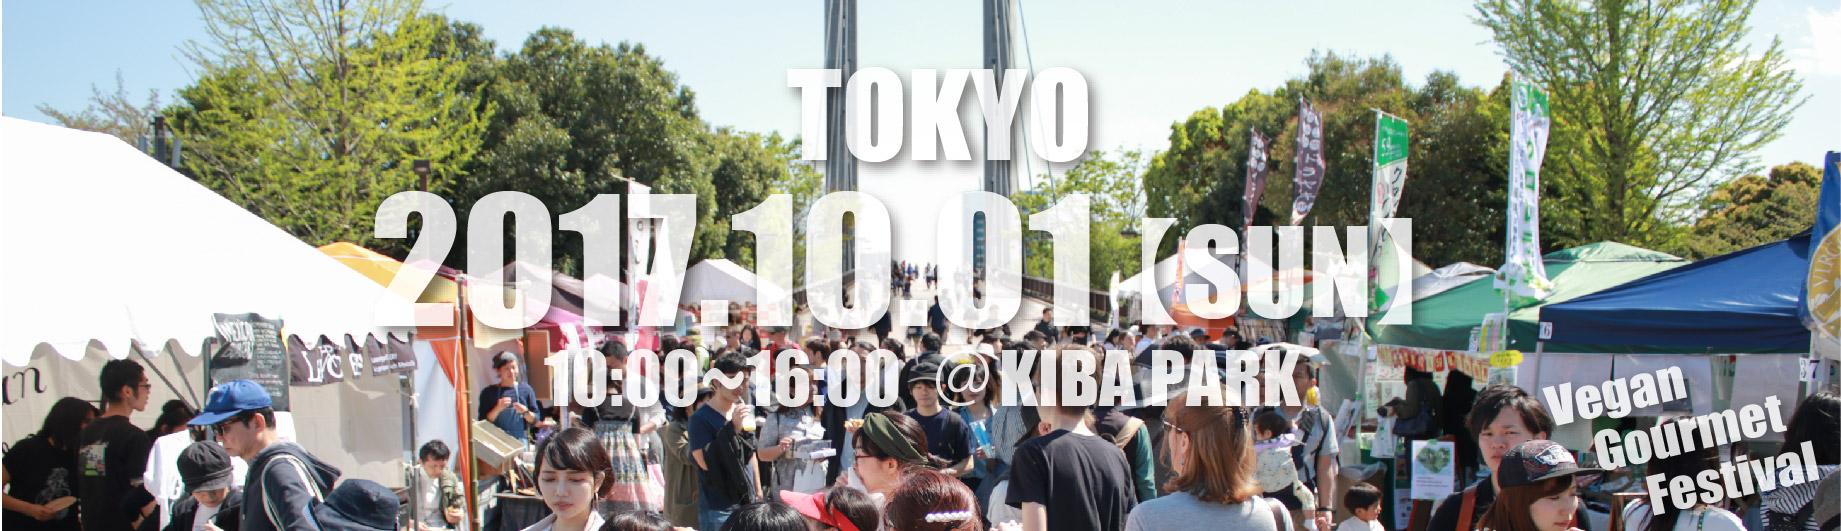 東京2017